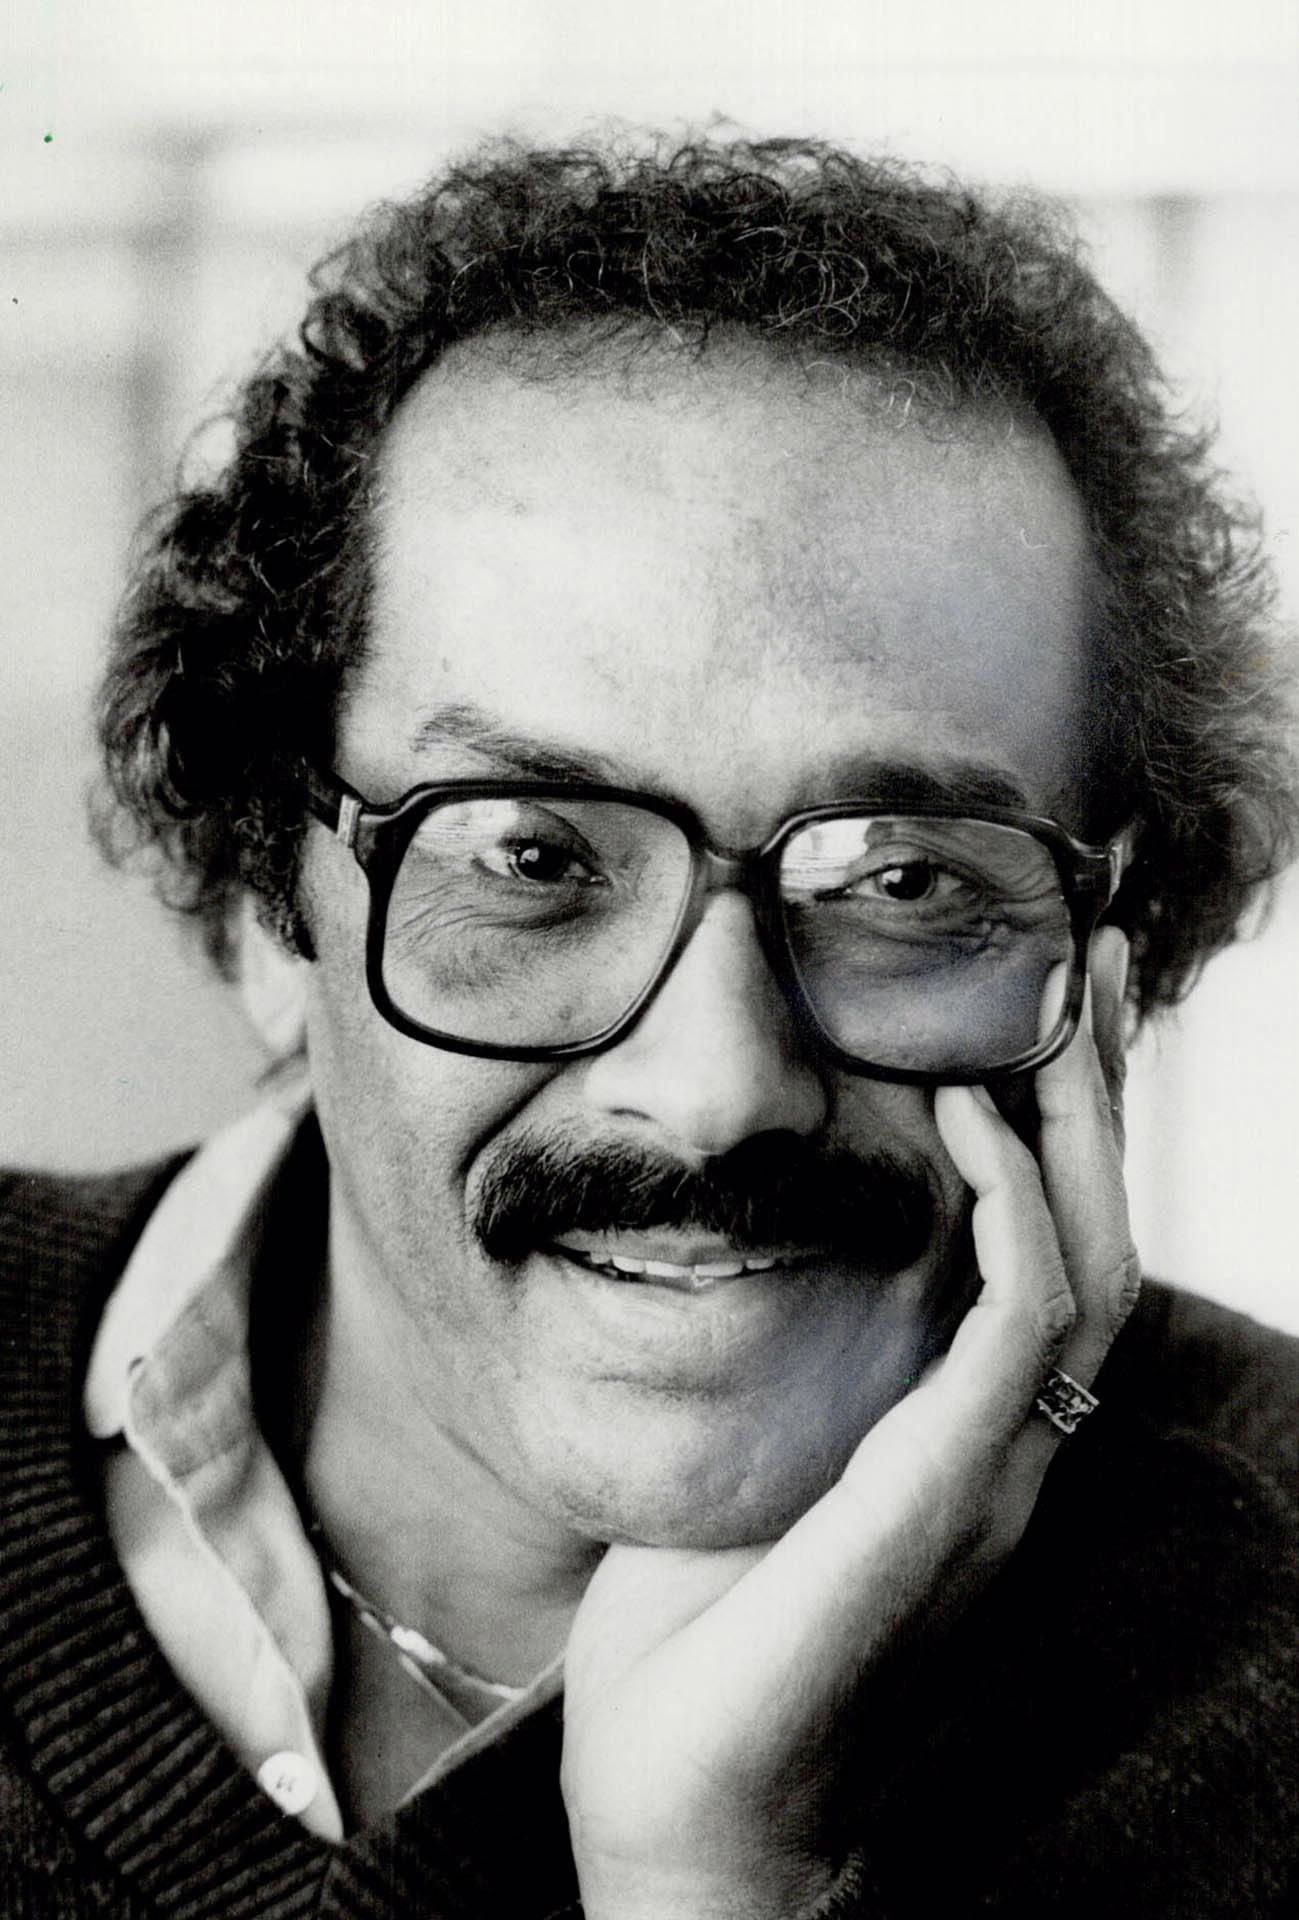 Un homme aux cheveux bouclés, portant des lunettes et une moustache, regarde la caméra.